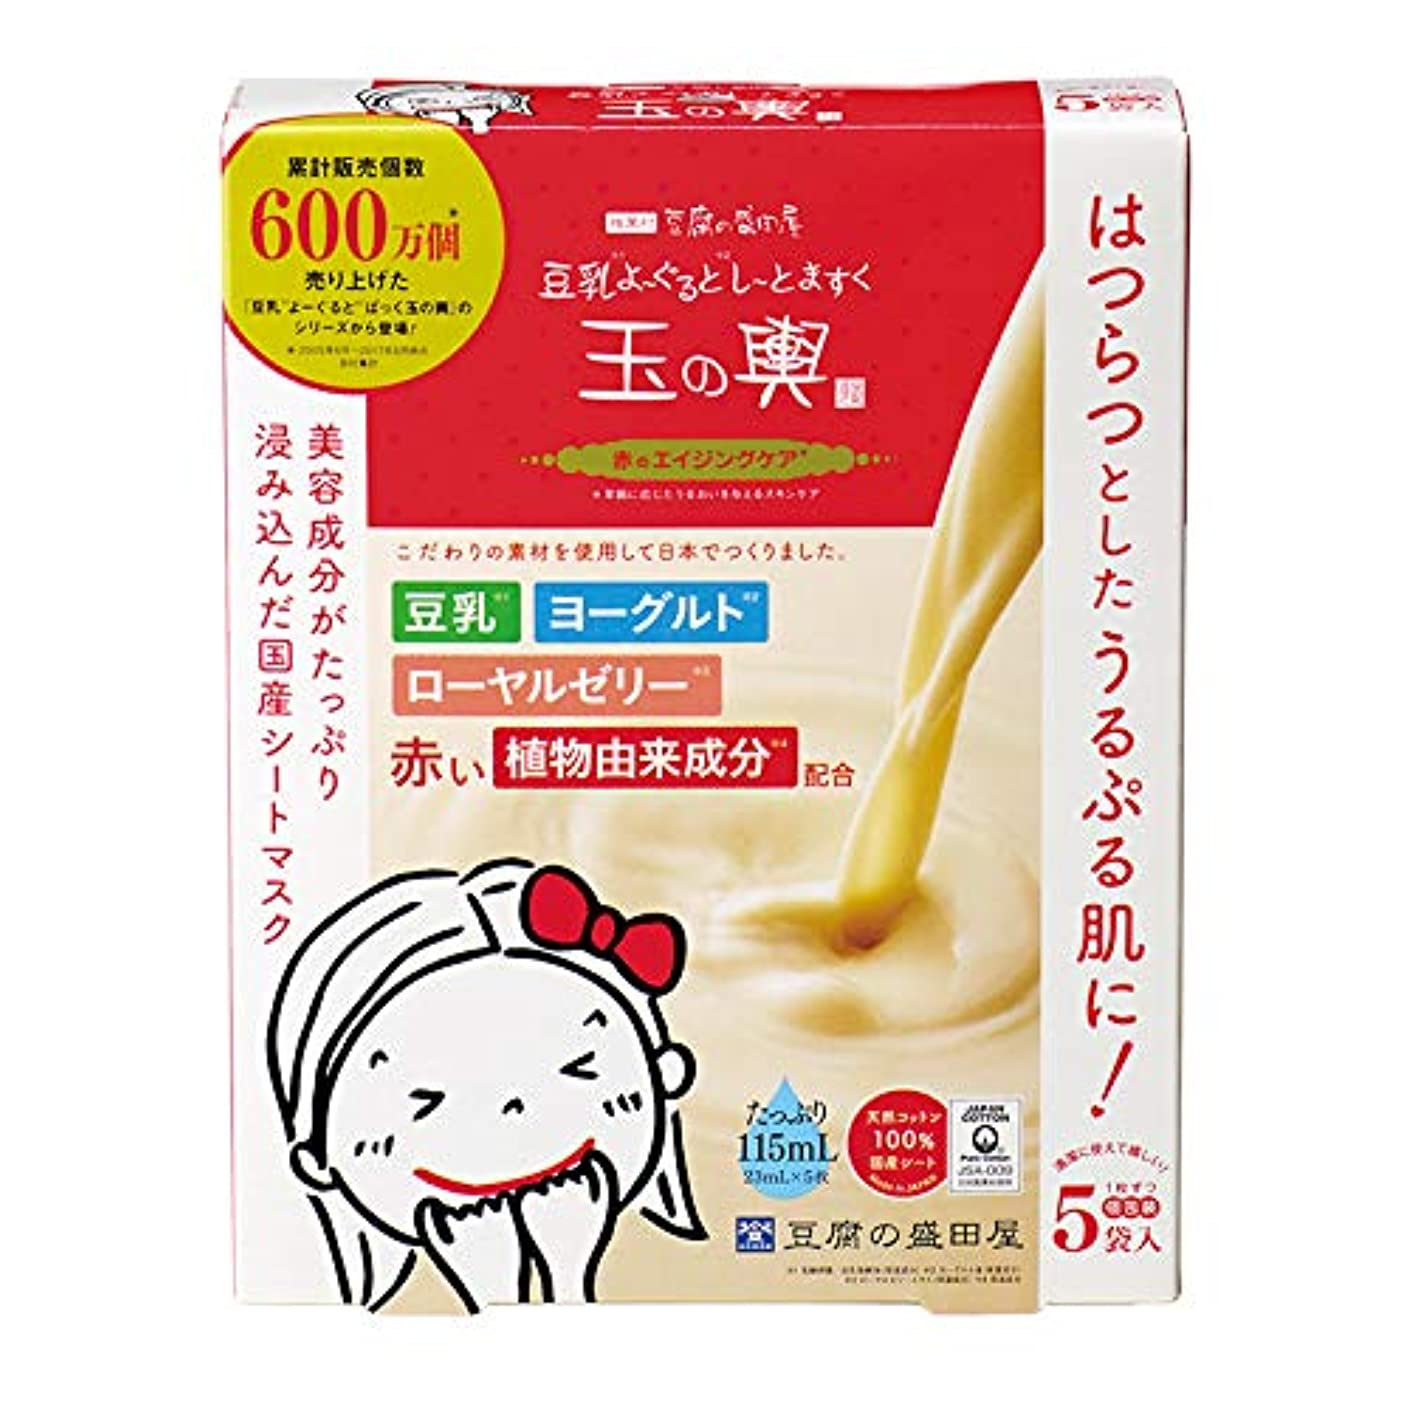 狂気怪しい聖人豆腐の盛田屋 豆乳よーぐるとしーとますく 玉の輿〈赤のエイジングケア〉23mL×5枚